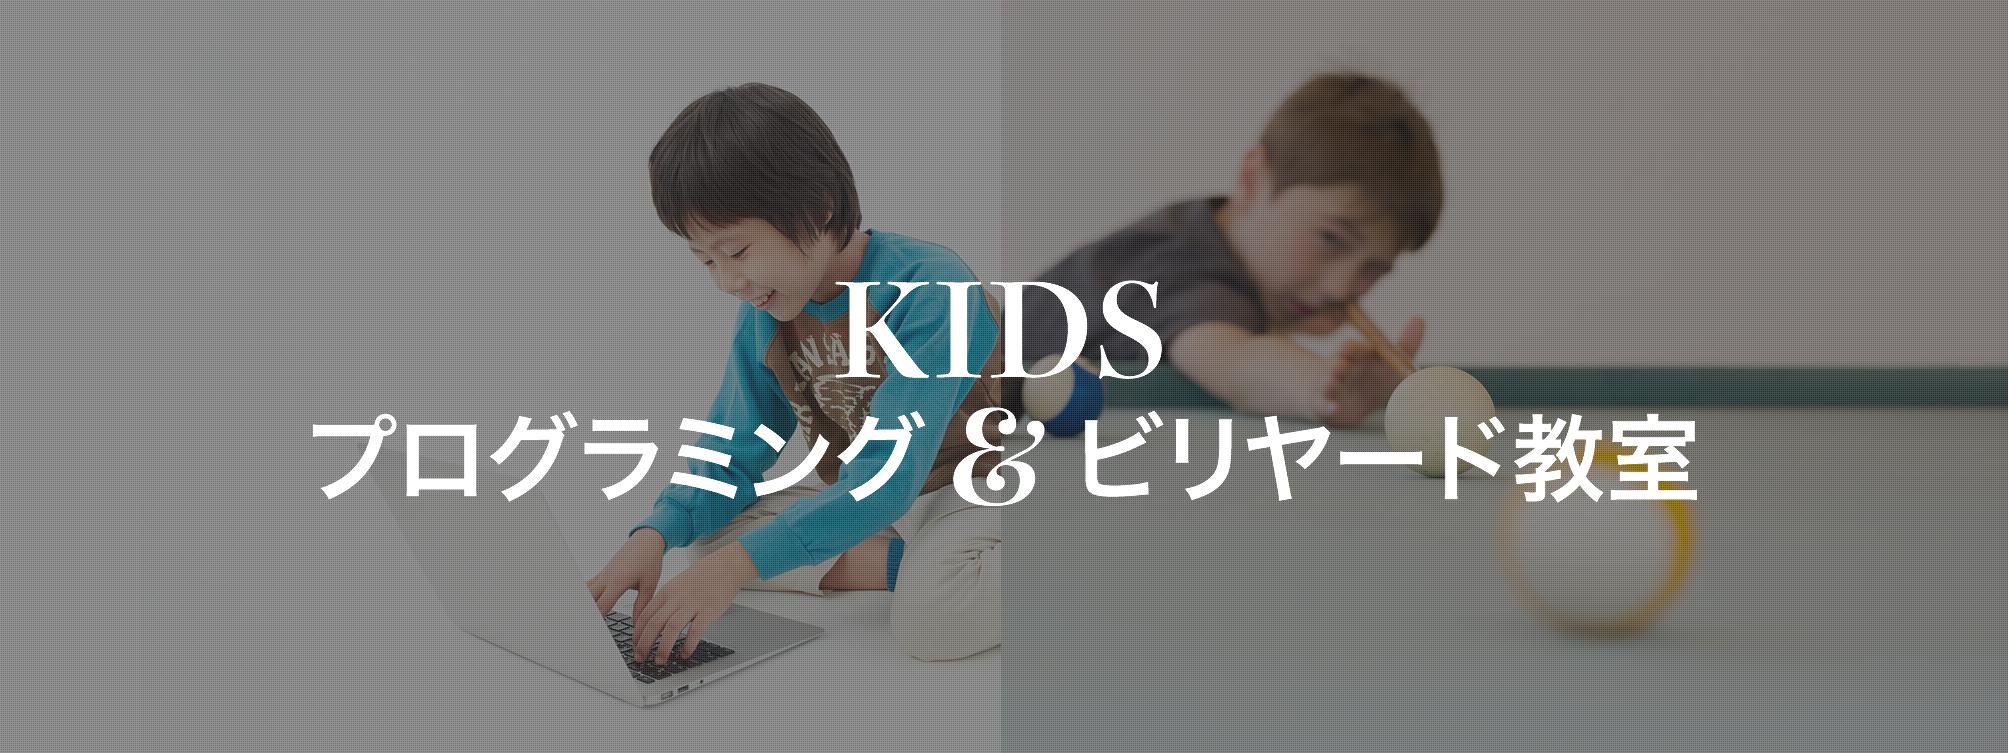 放課後教室 キッズプログラミング&宿題レッスン&ビリヤード